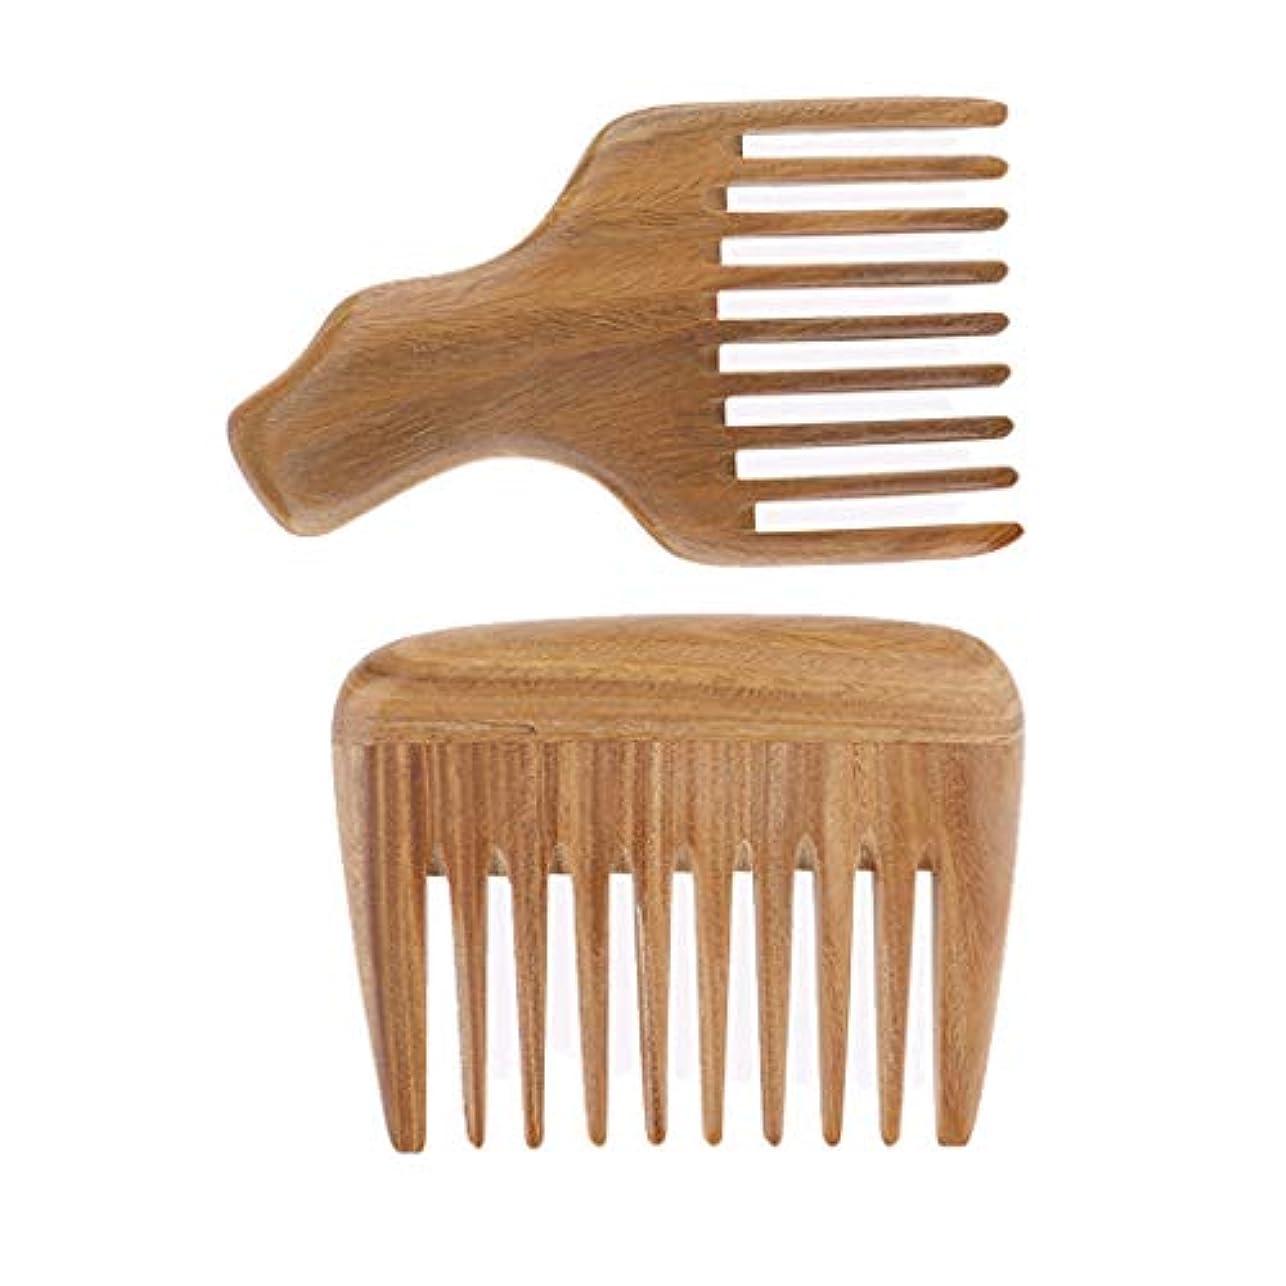 全国ソケット暗くするヘアブラシ ヘアダイコーム 櫛 ヘアコーム 木製コーム 粗い 頭皮マッサージ ツール 2個入り